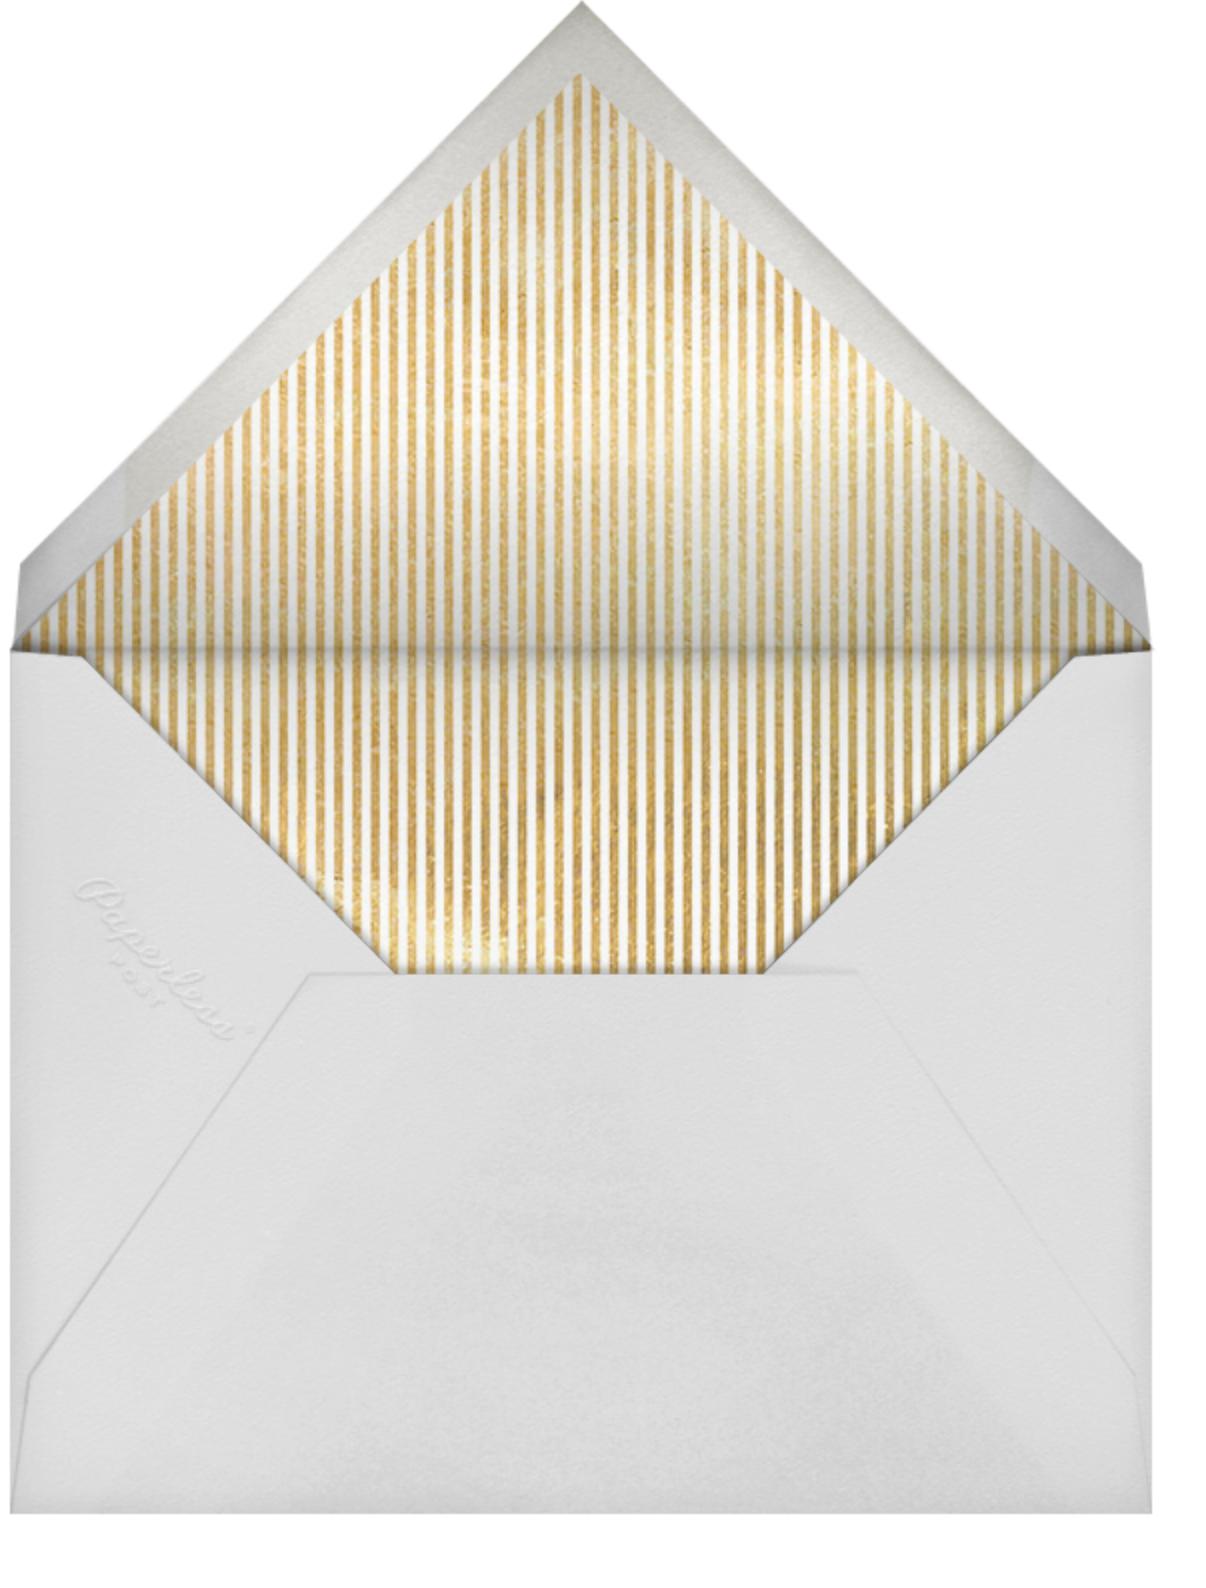 Milestone Dots (Ninety) - Navy - Sugar Paper - Adult birthday - envelope back